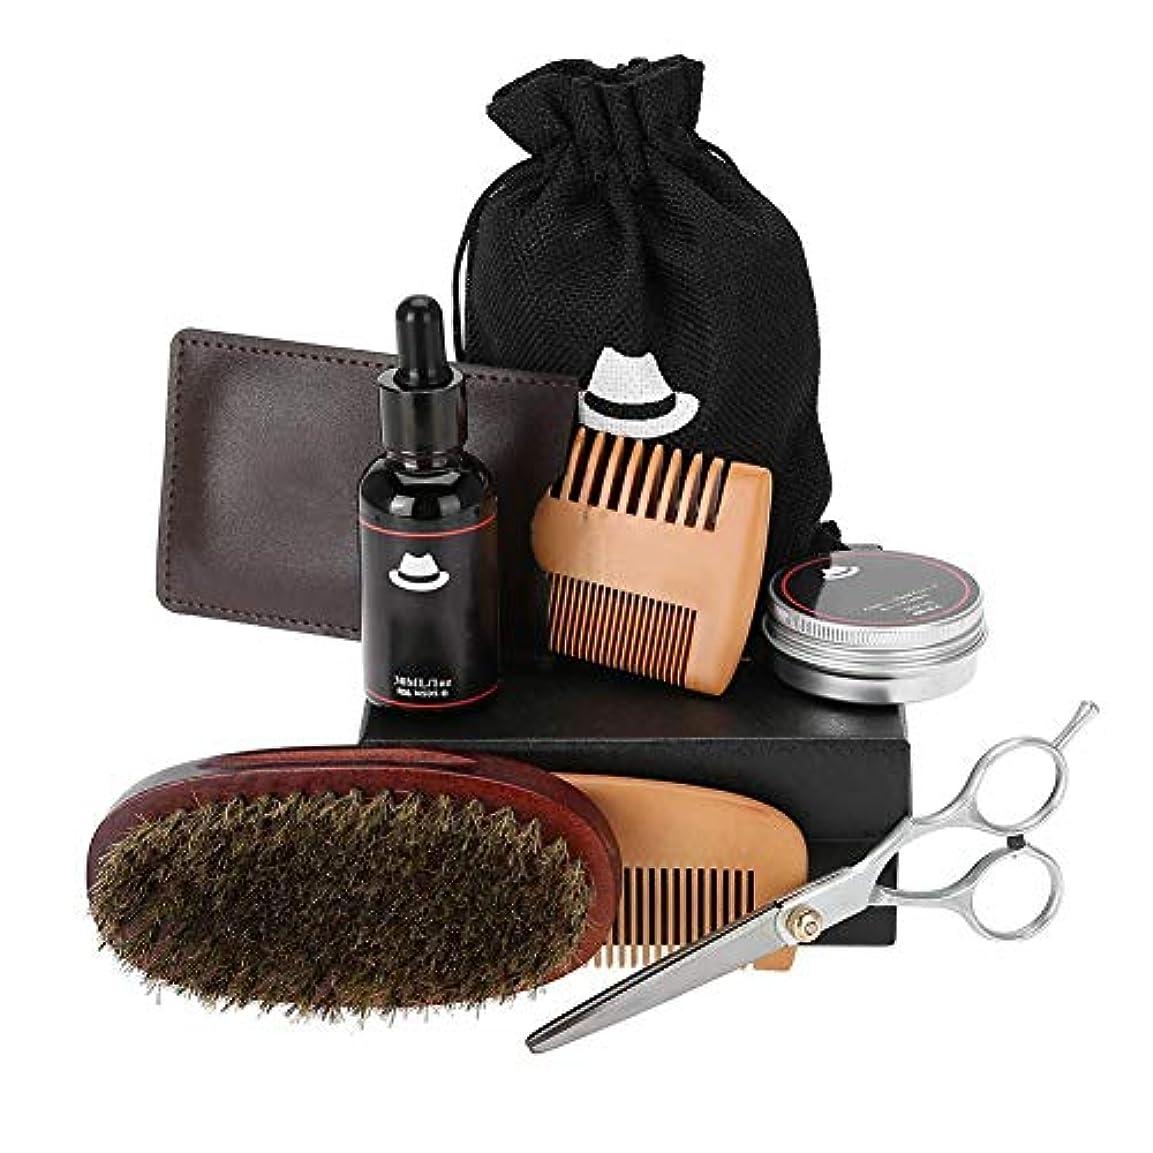 1つのひげのグルーミングセットに付き6、ひげオイルが付いている人のためのひげの心配のキット、木の櫛、イノシシの剛毛のブラシ、香油、口ひげのスタイリングを助け、柔らかく滑らかに保ちなさい